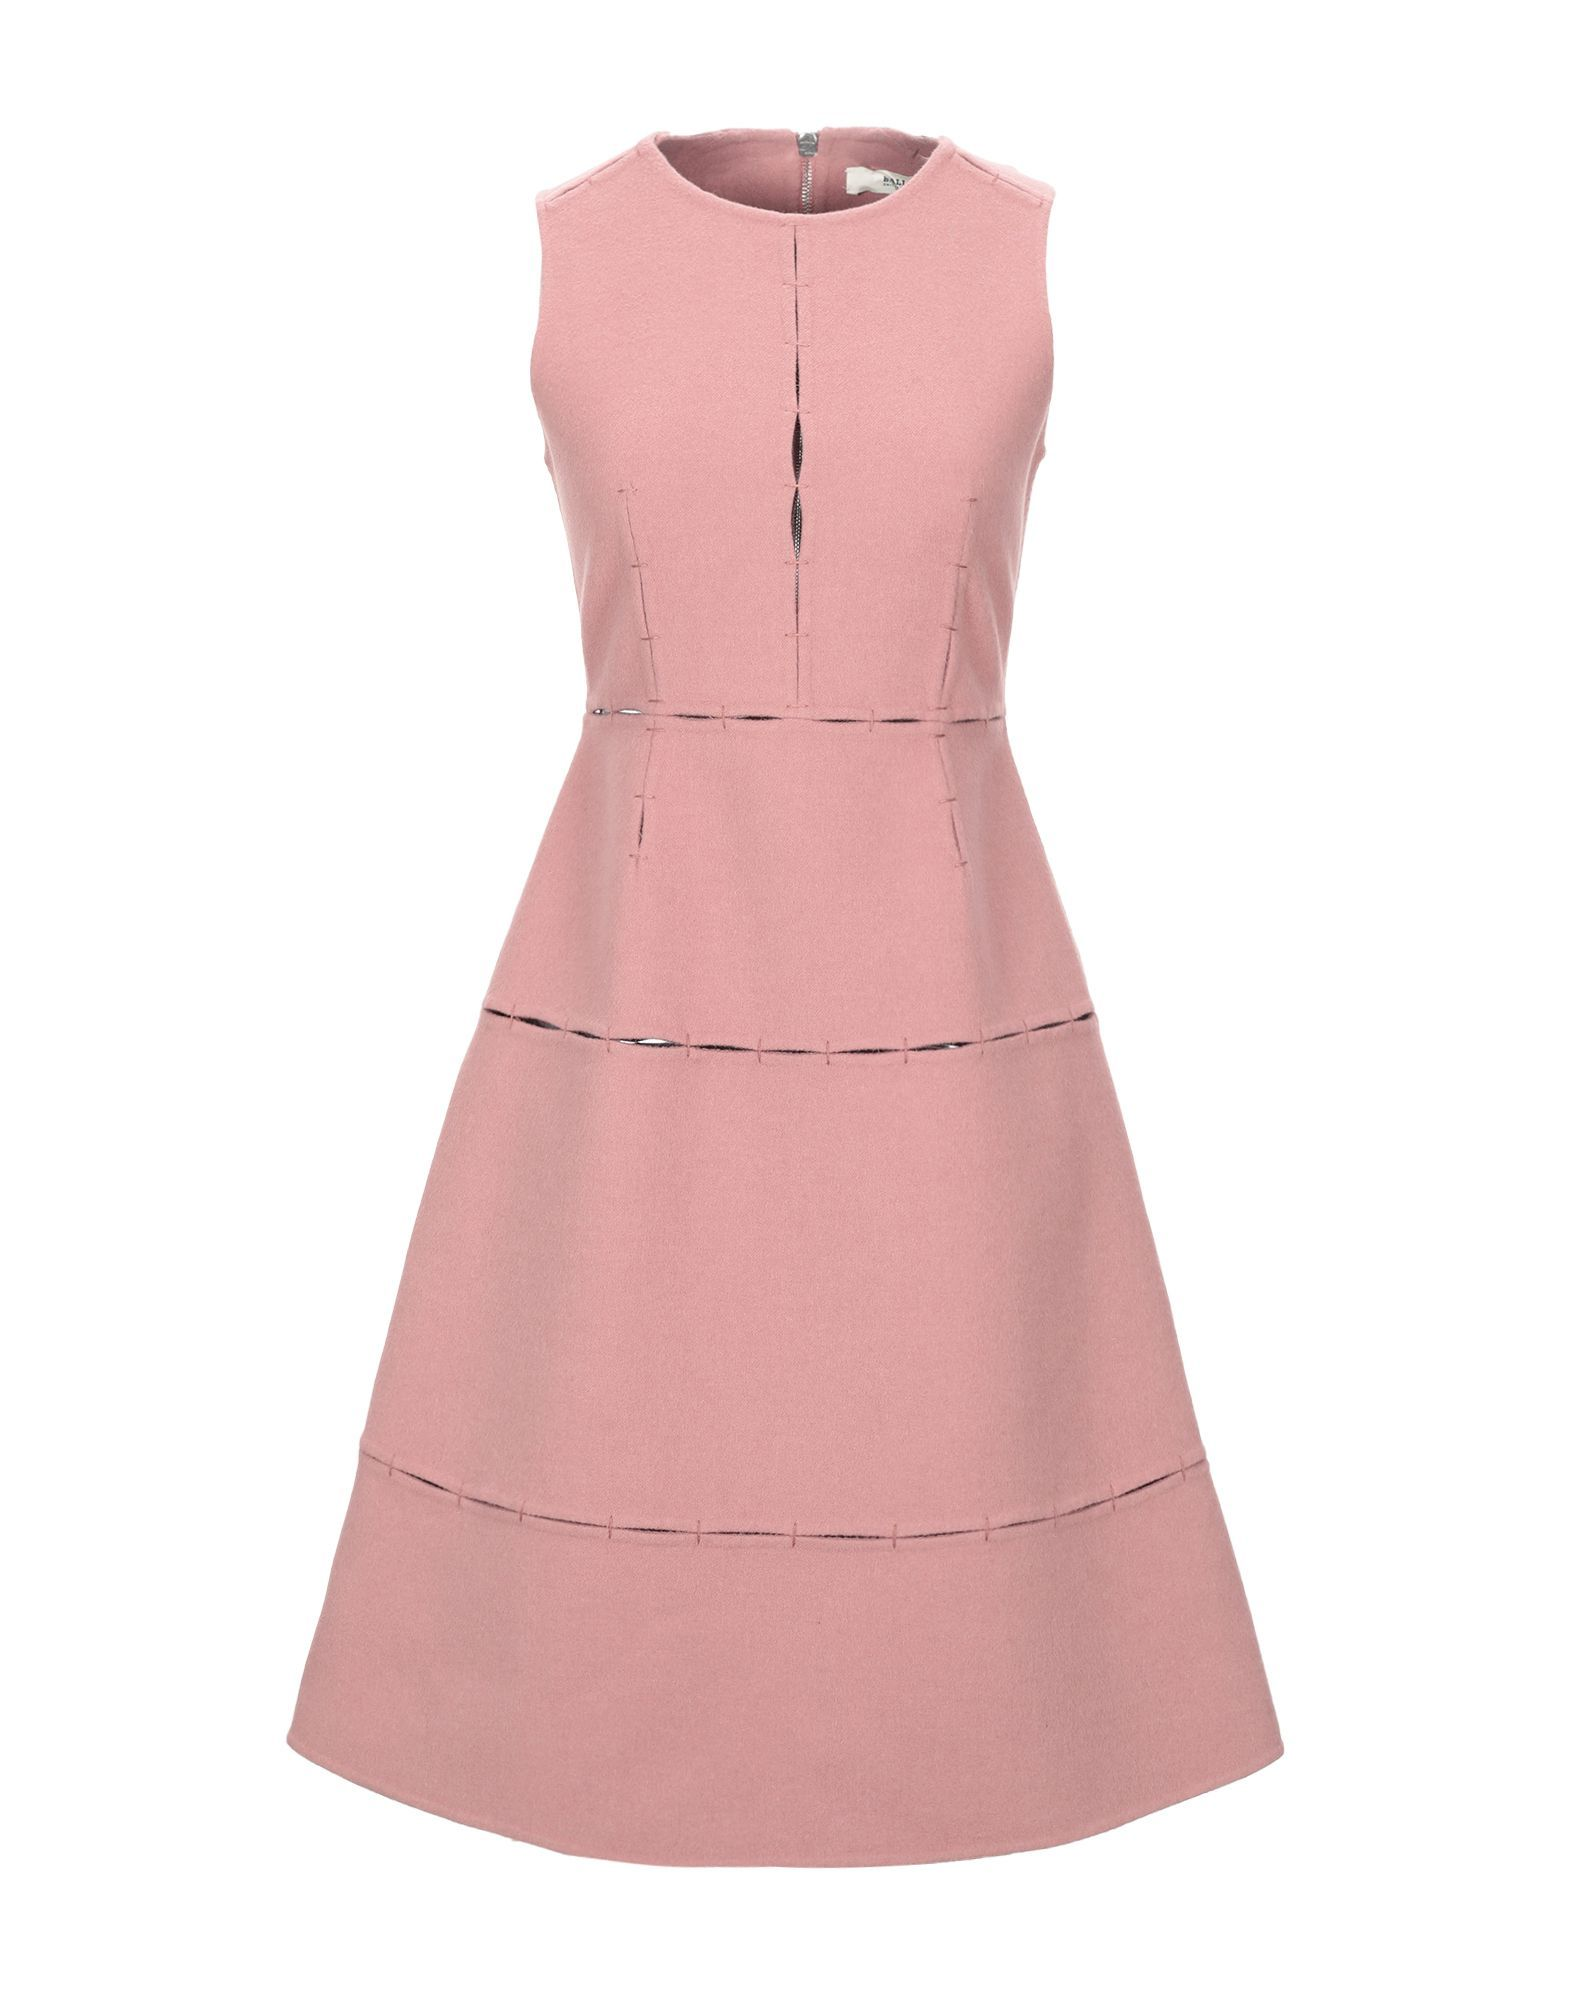 Bally Pastel Pink Virgin Wool Dress